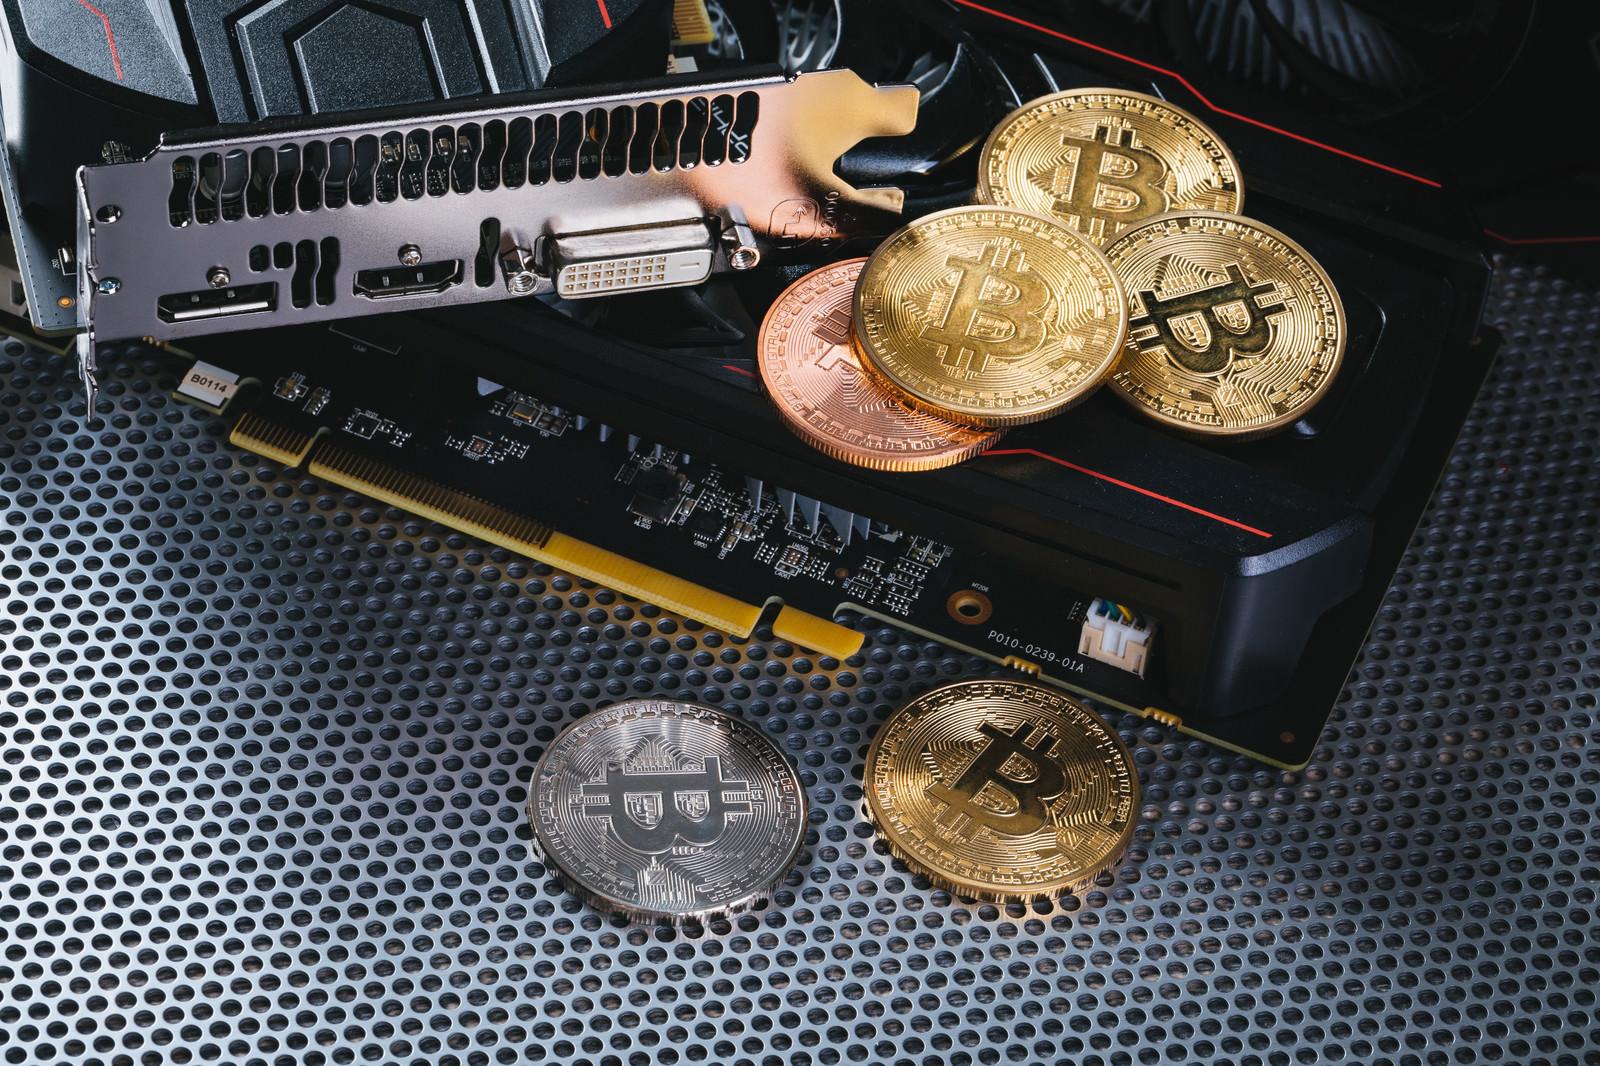 「グラフィックボードでマイニングしてビットコインを稼ぐ」の写真